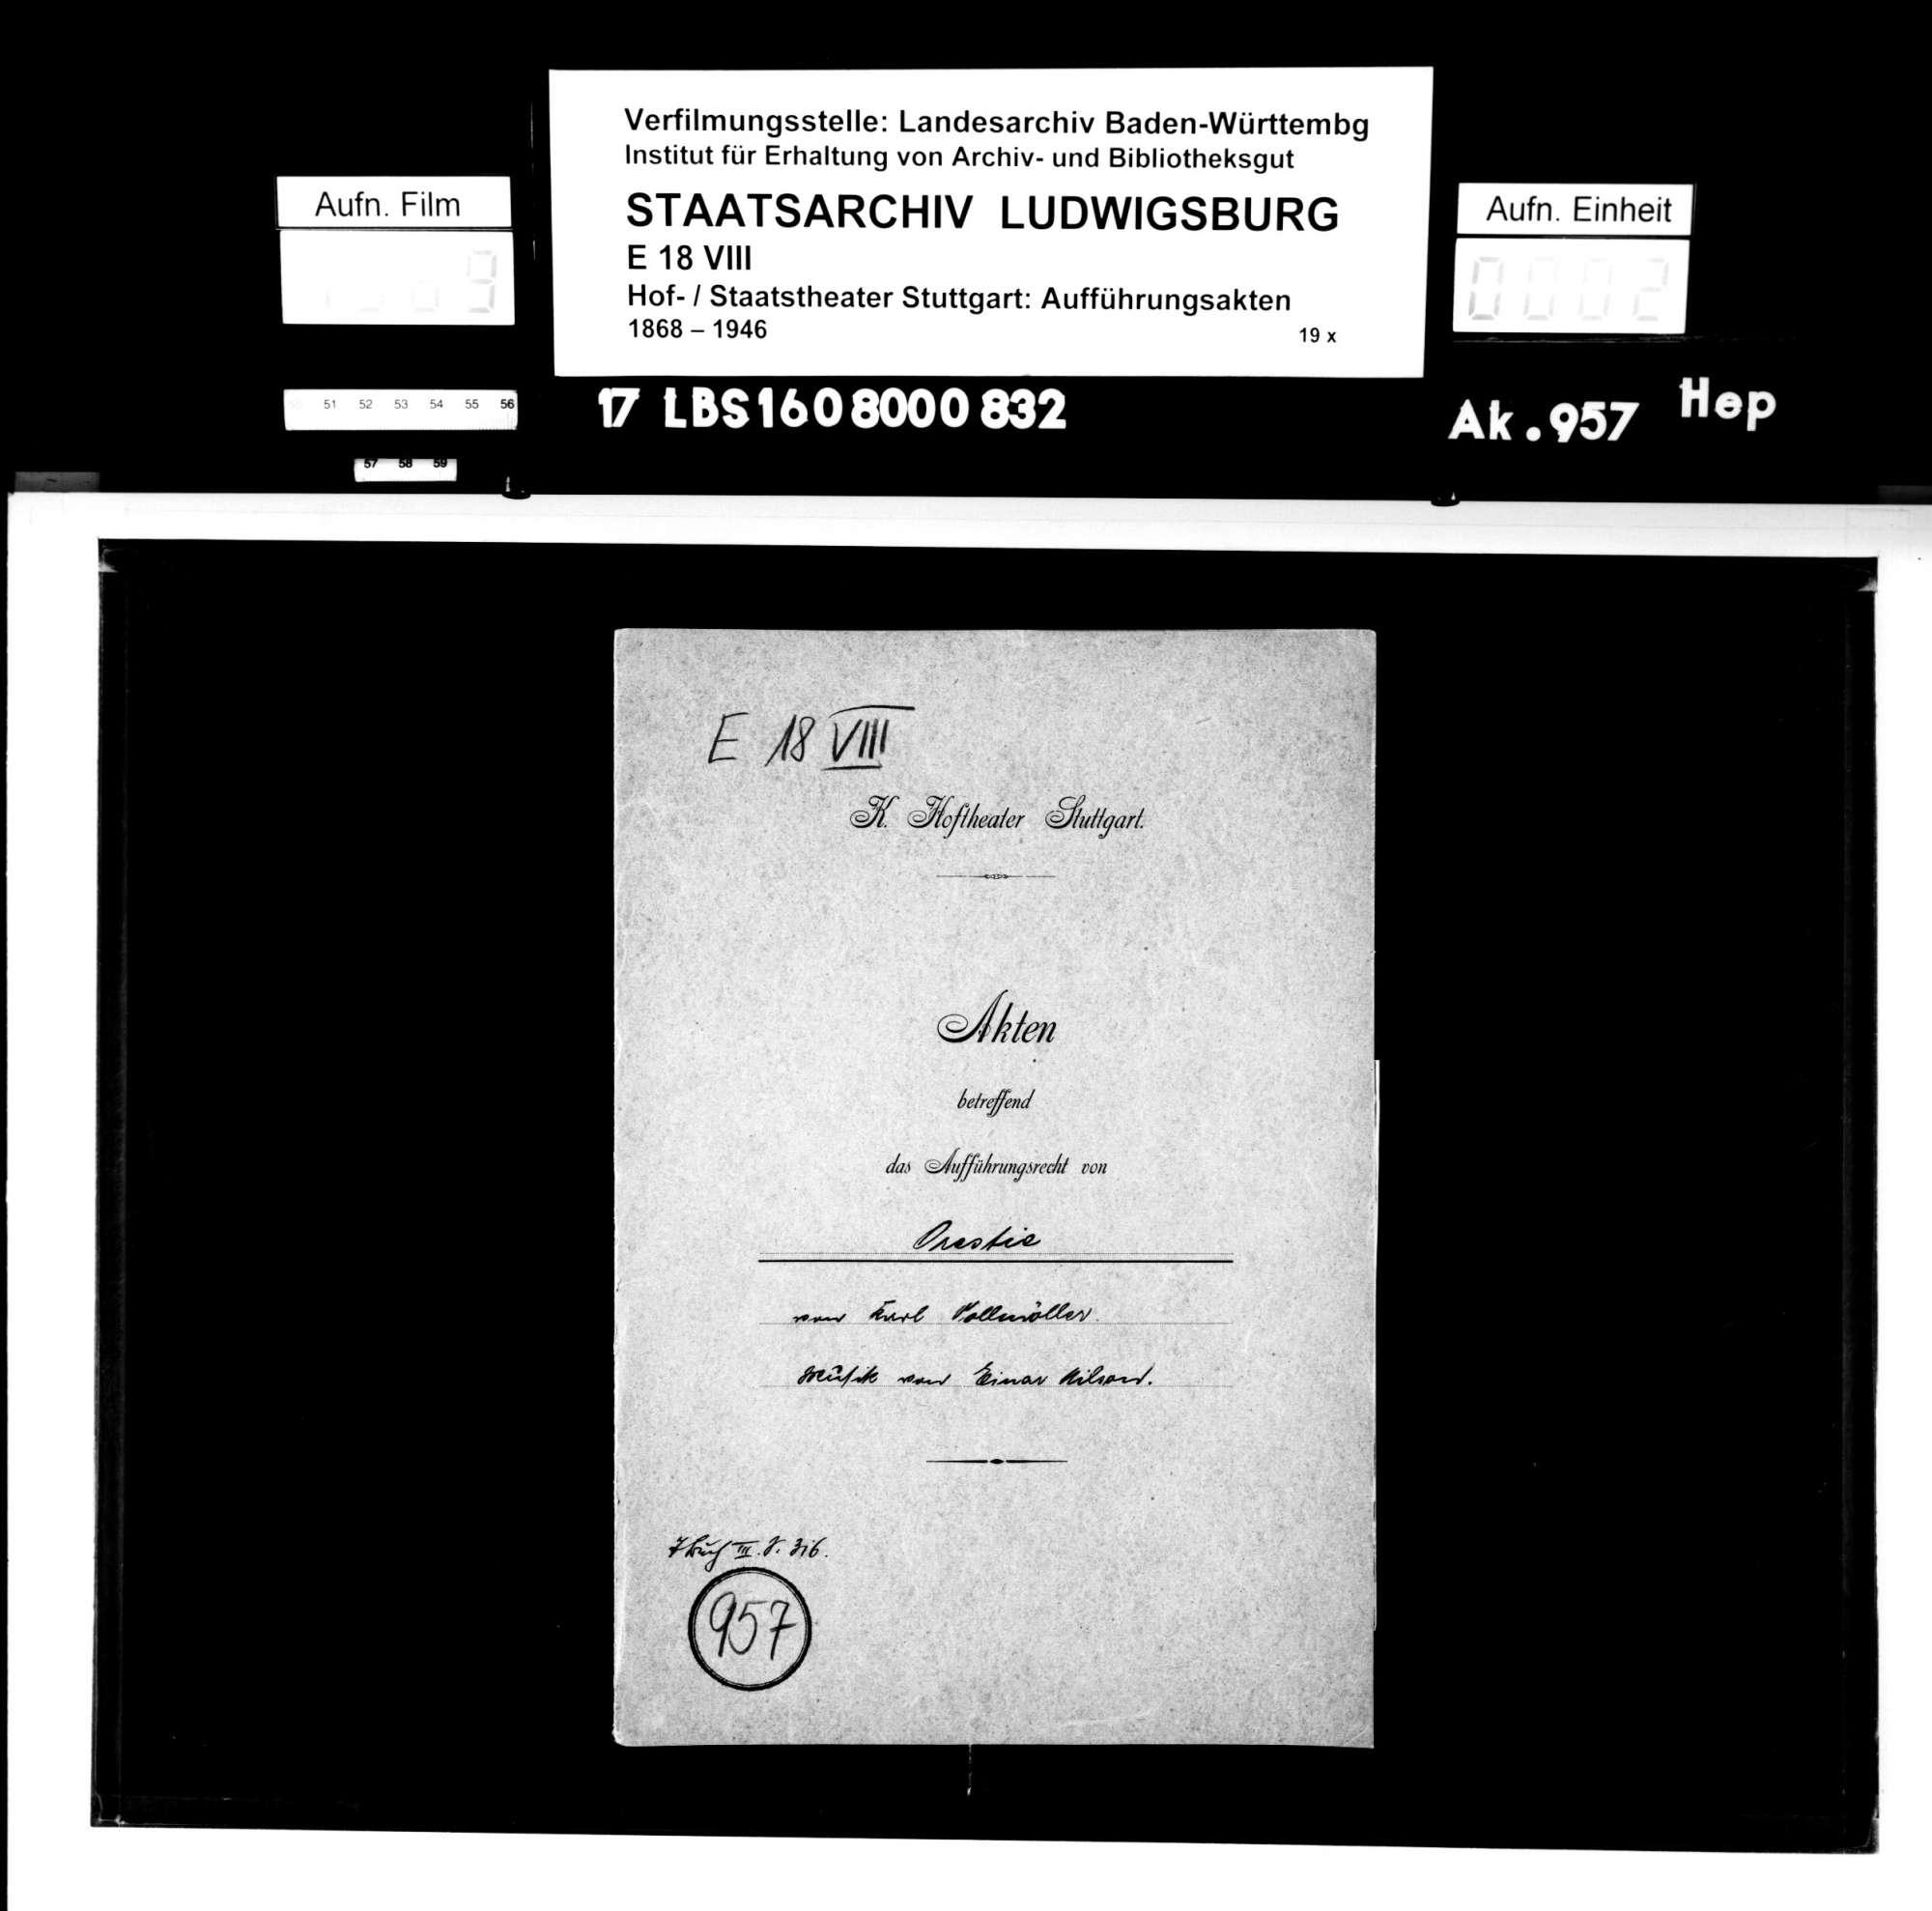 Orestie. Schauspiel von Karl Gustav Vollmöller; Musik: Einar Nilson, Bild 1